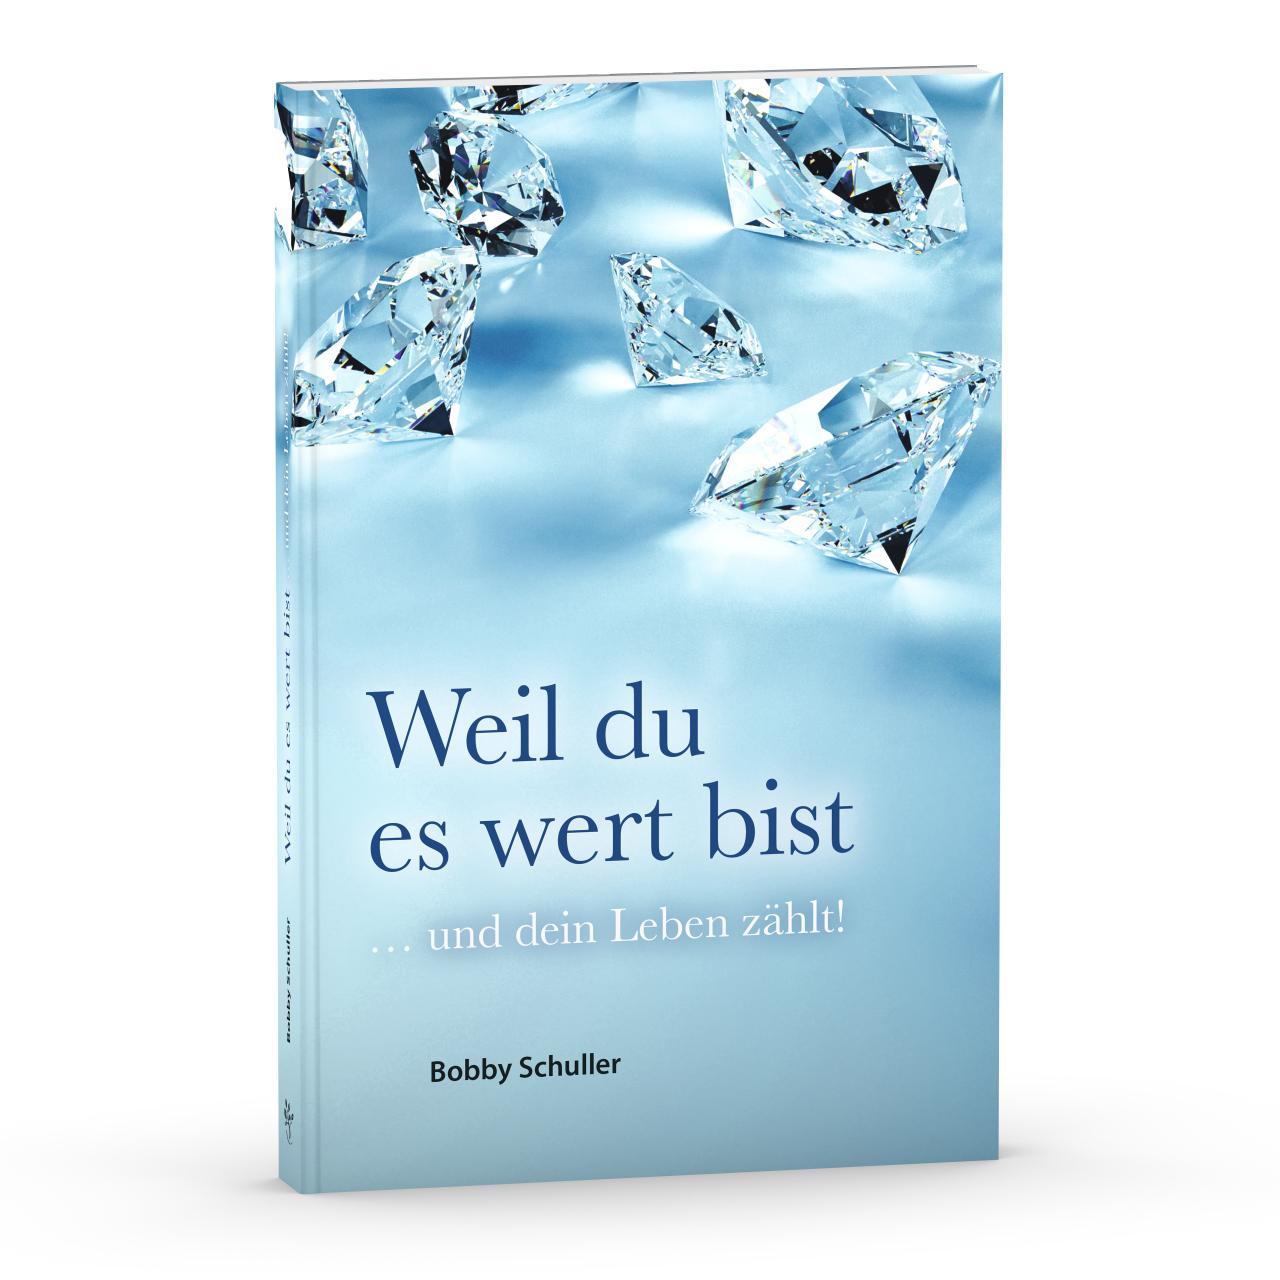 WeilDuEsWertBist_3Dg